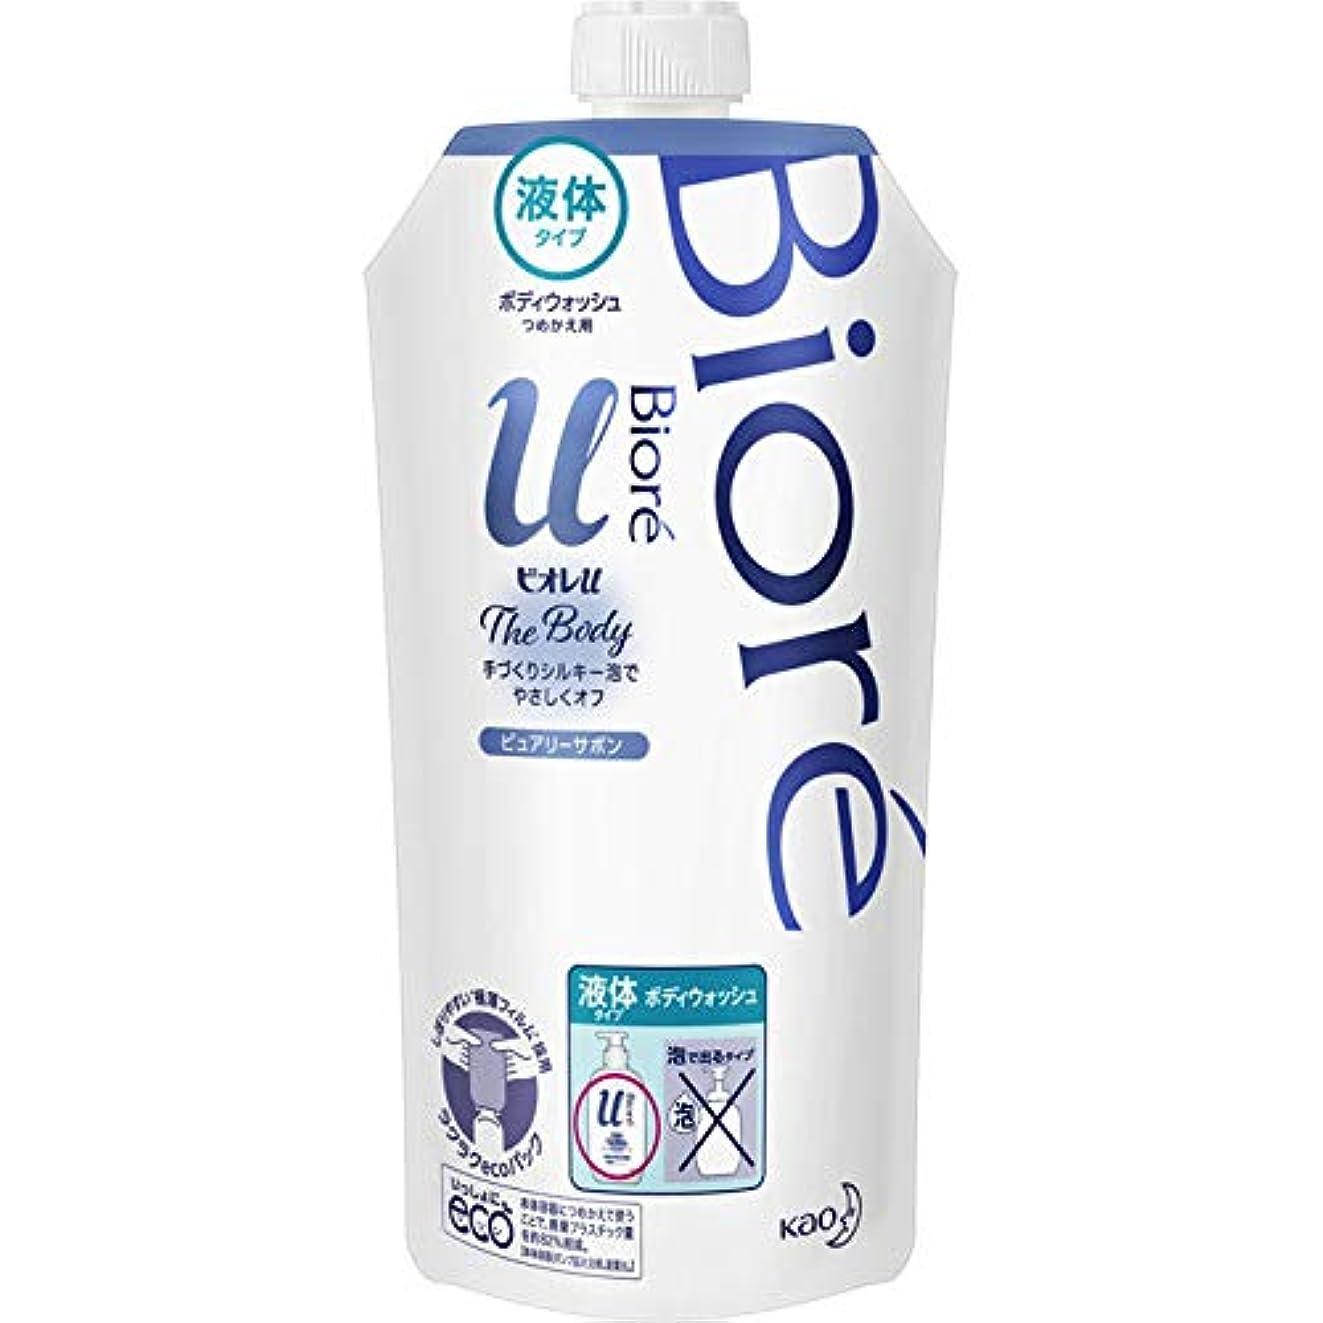 それぞれ無効にする異常花王 ビオレu ザ ボディ液体ピュアリーサボンの香り 詰替え用 340ml